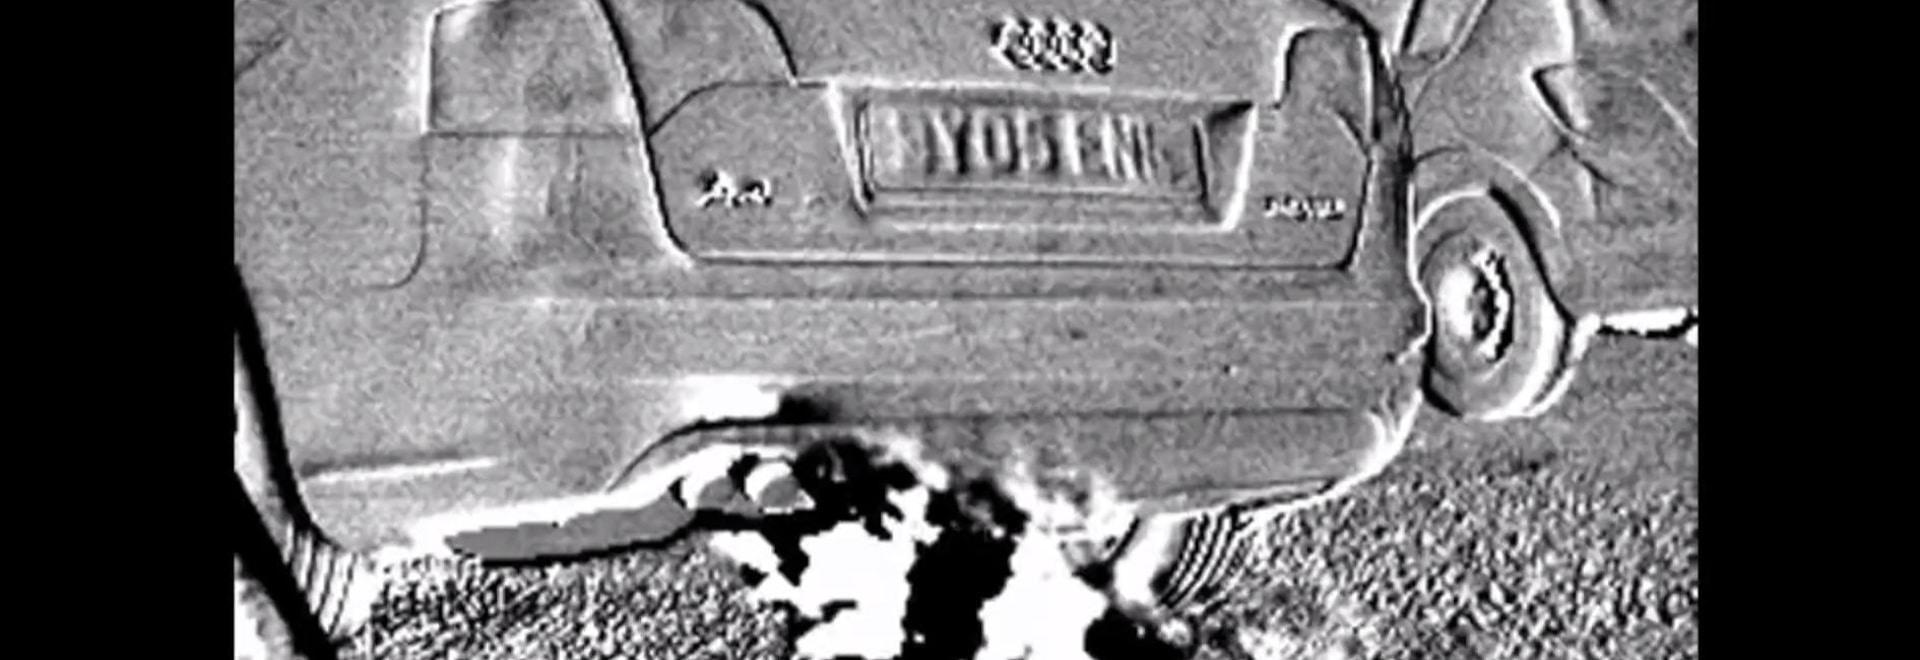 """La caméra infrarouge montre les émissions """"invisibles"""" de véhicule"""